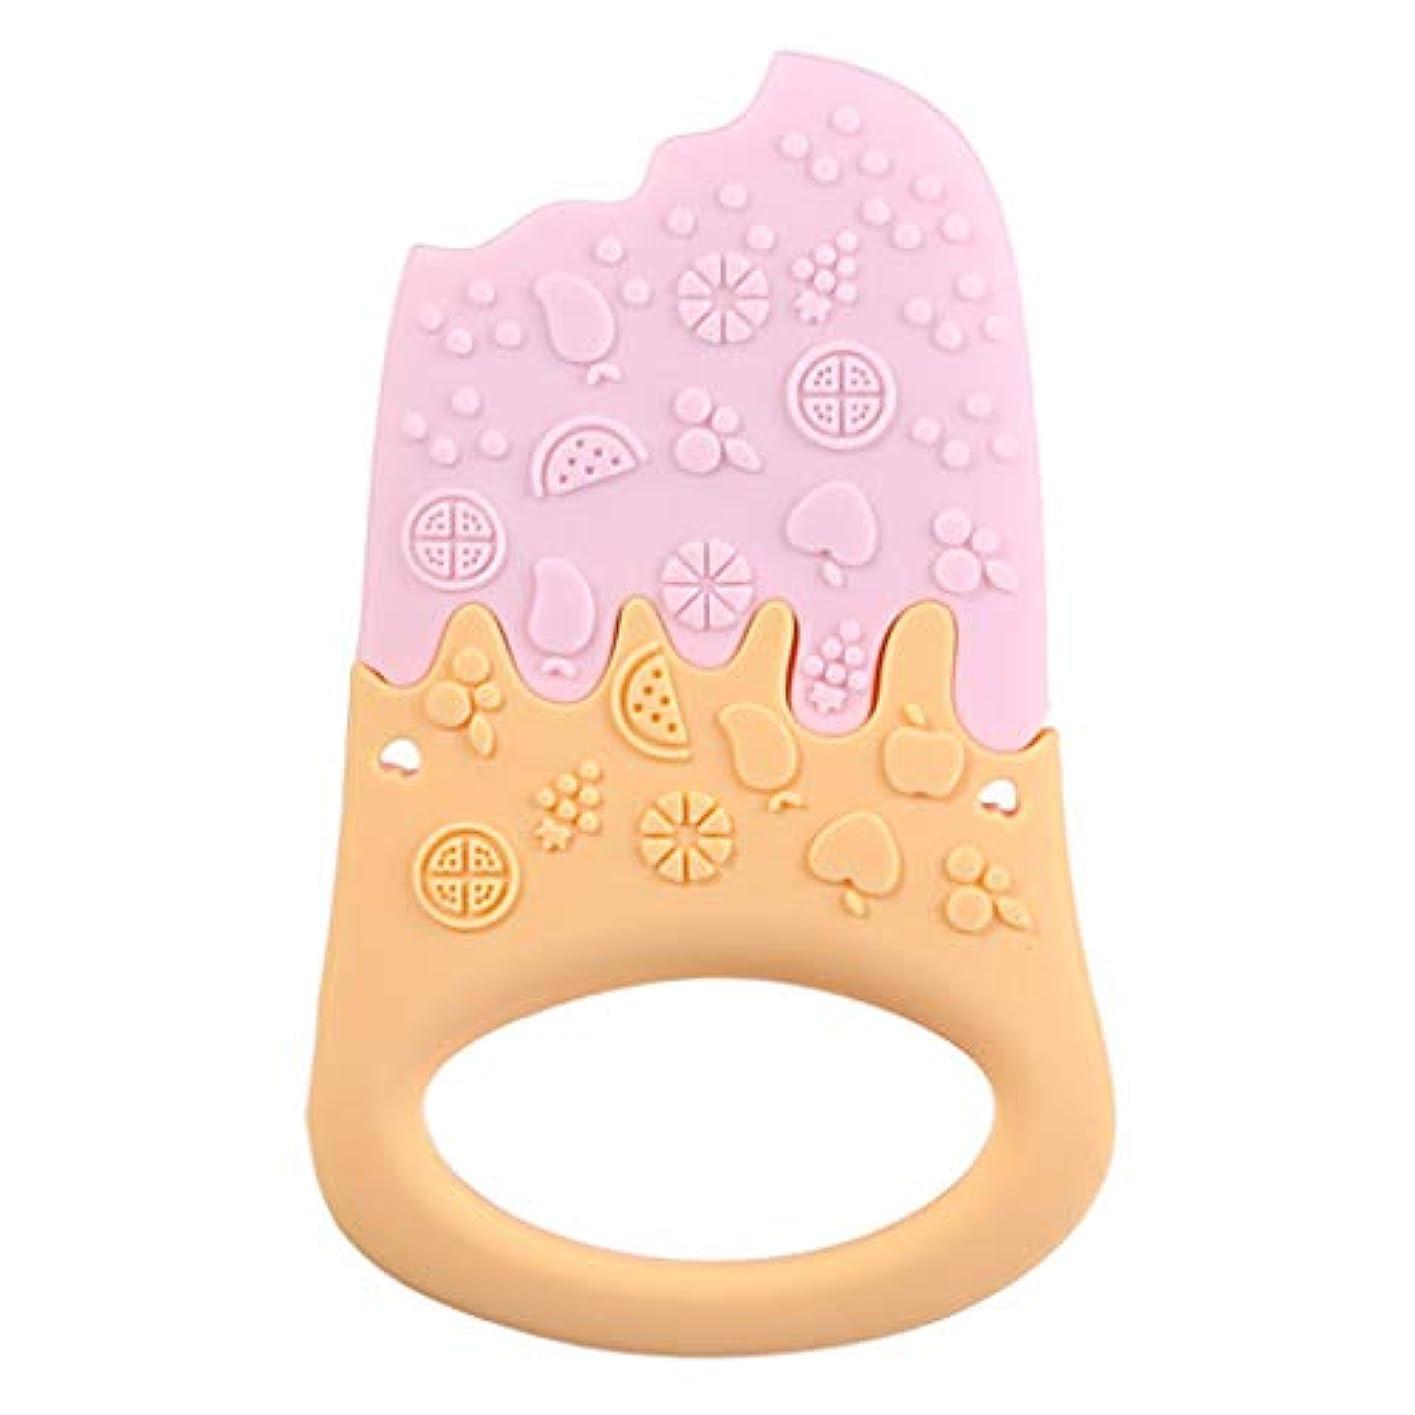 翻訳する予知コークスLanddumシリコーンティーザーアイスクリームティーザー赤ちゃん看護玩具かむ玩具歯が生えるガラガラおもちゃ - 青